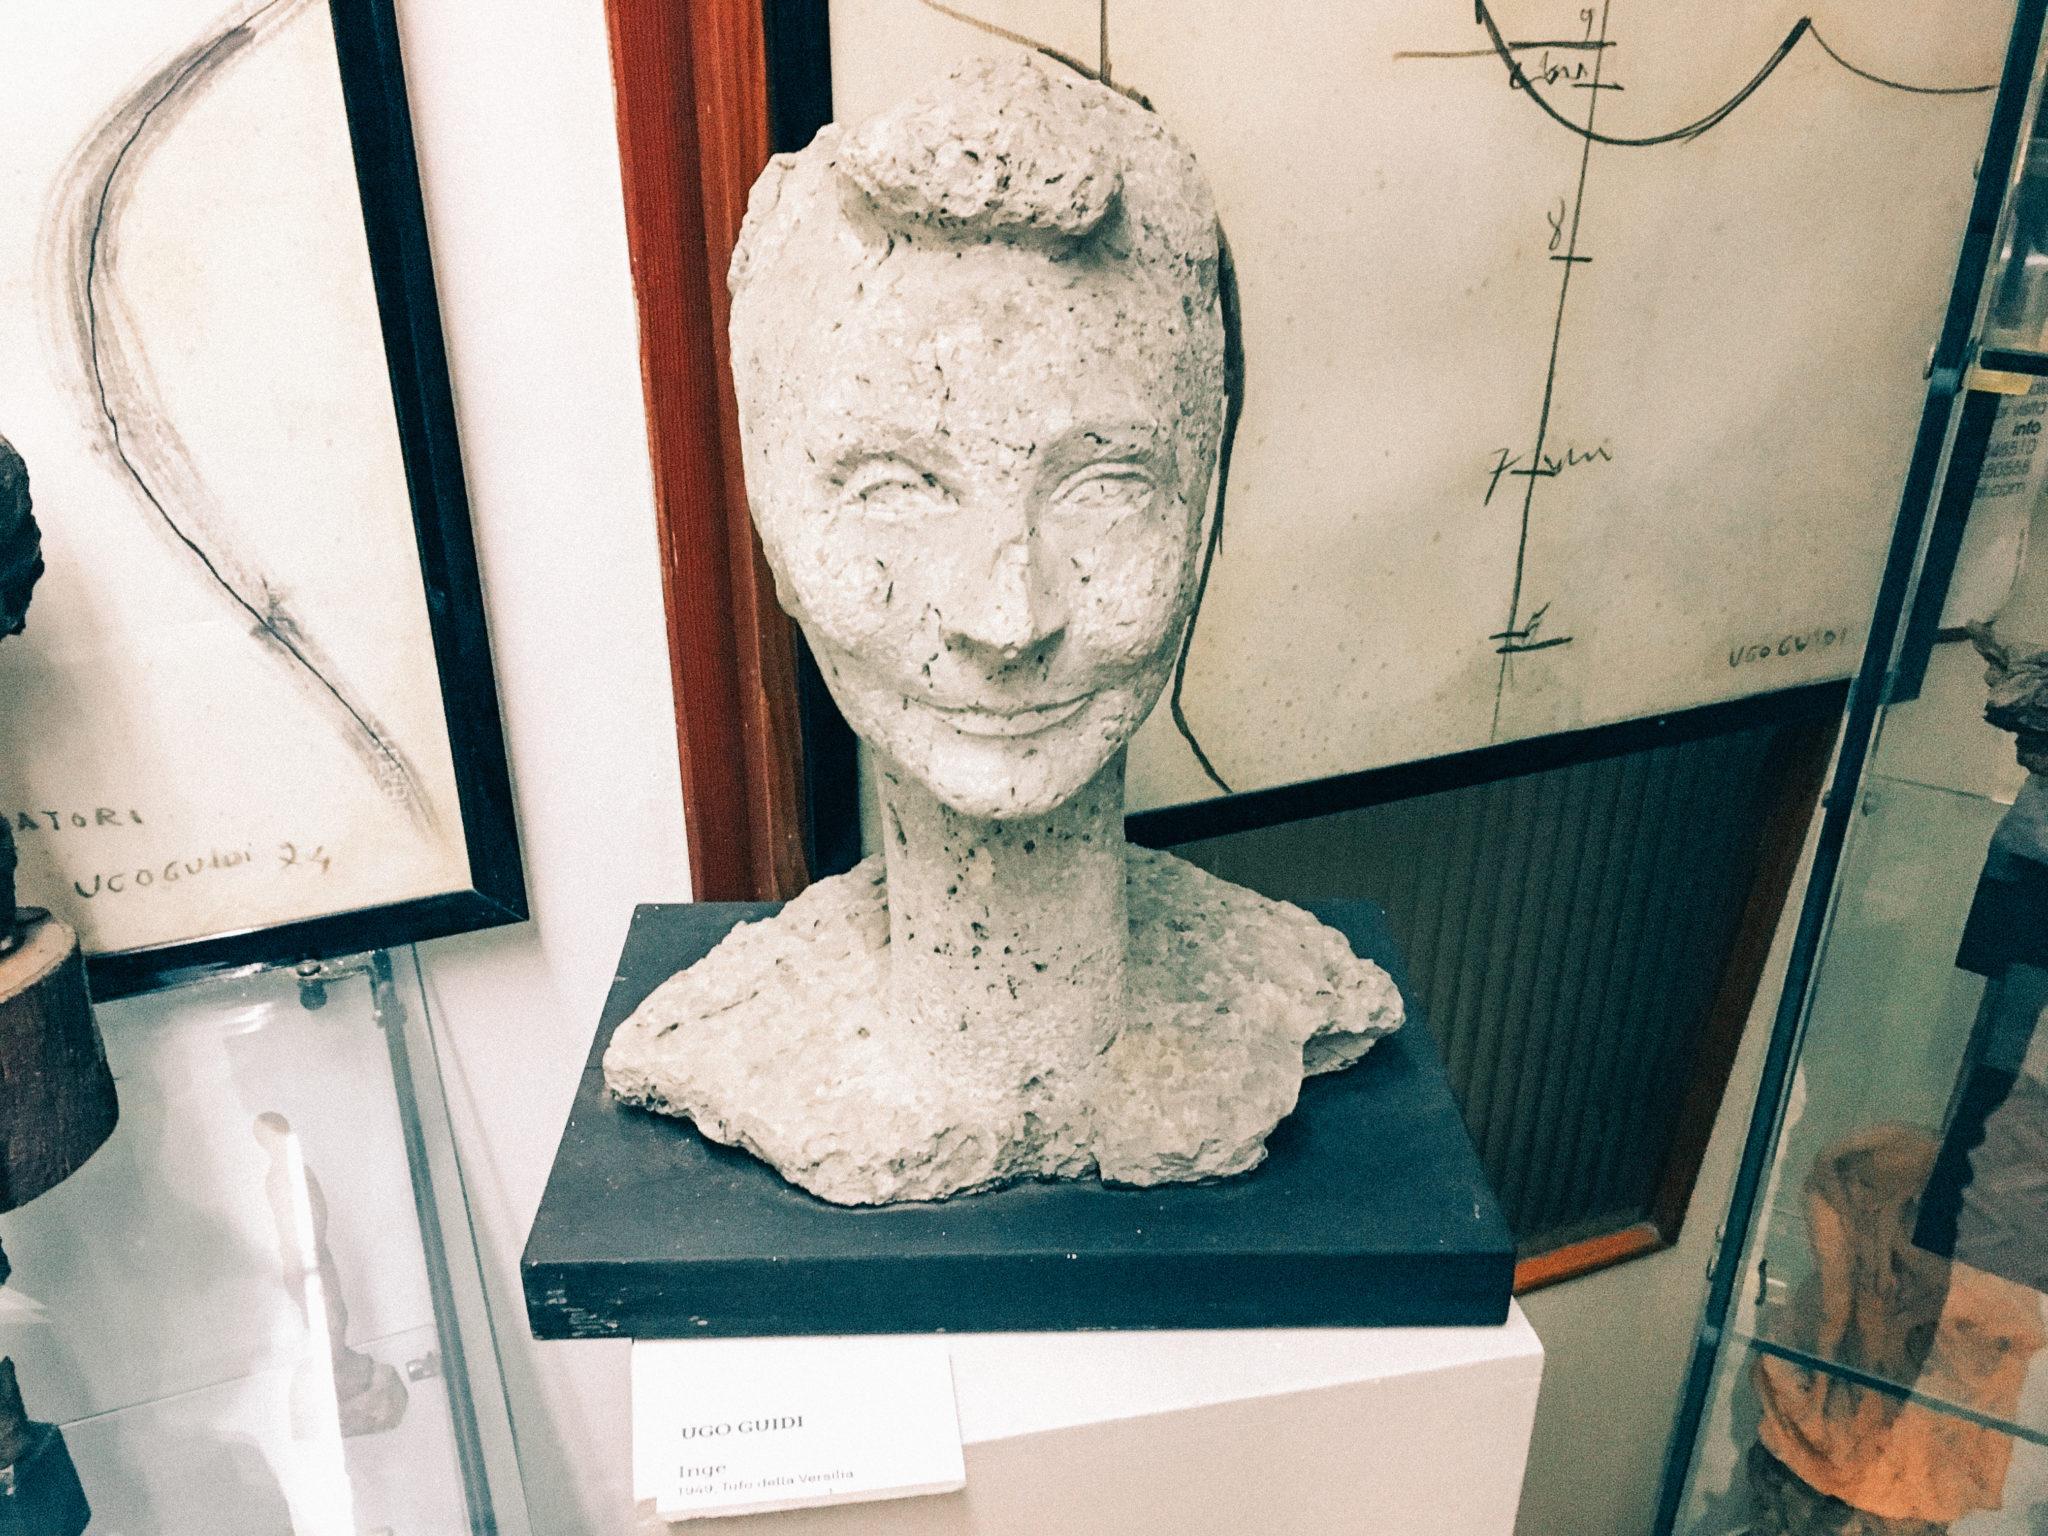 Il Museo Ugo Guidi, dove fra platani, pini e pioppi, nascevano sculture d'artista. Oggi la sua casa-atelier è un museo aperto a tutti